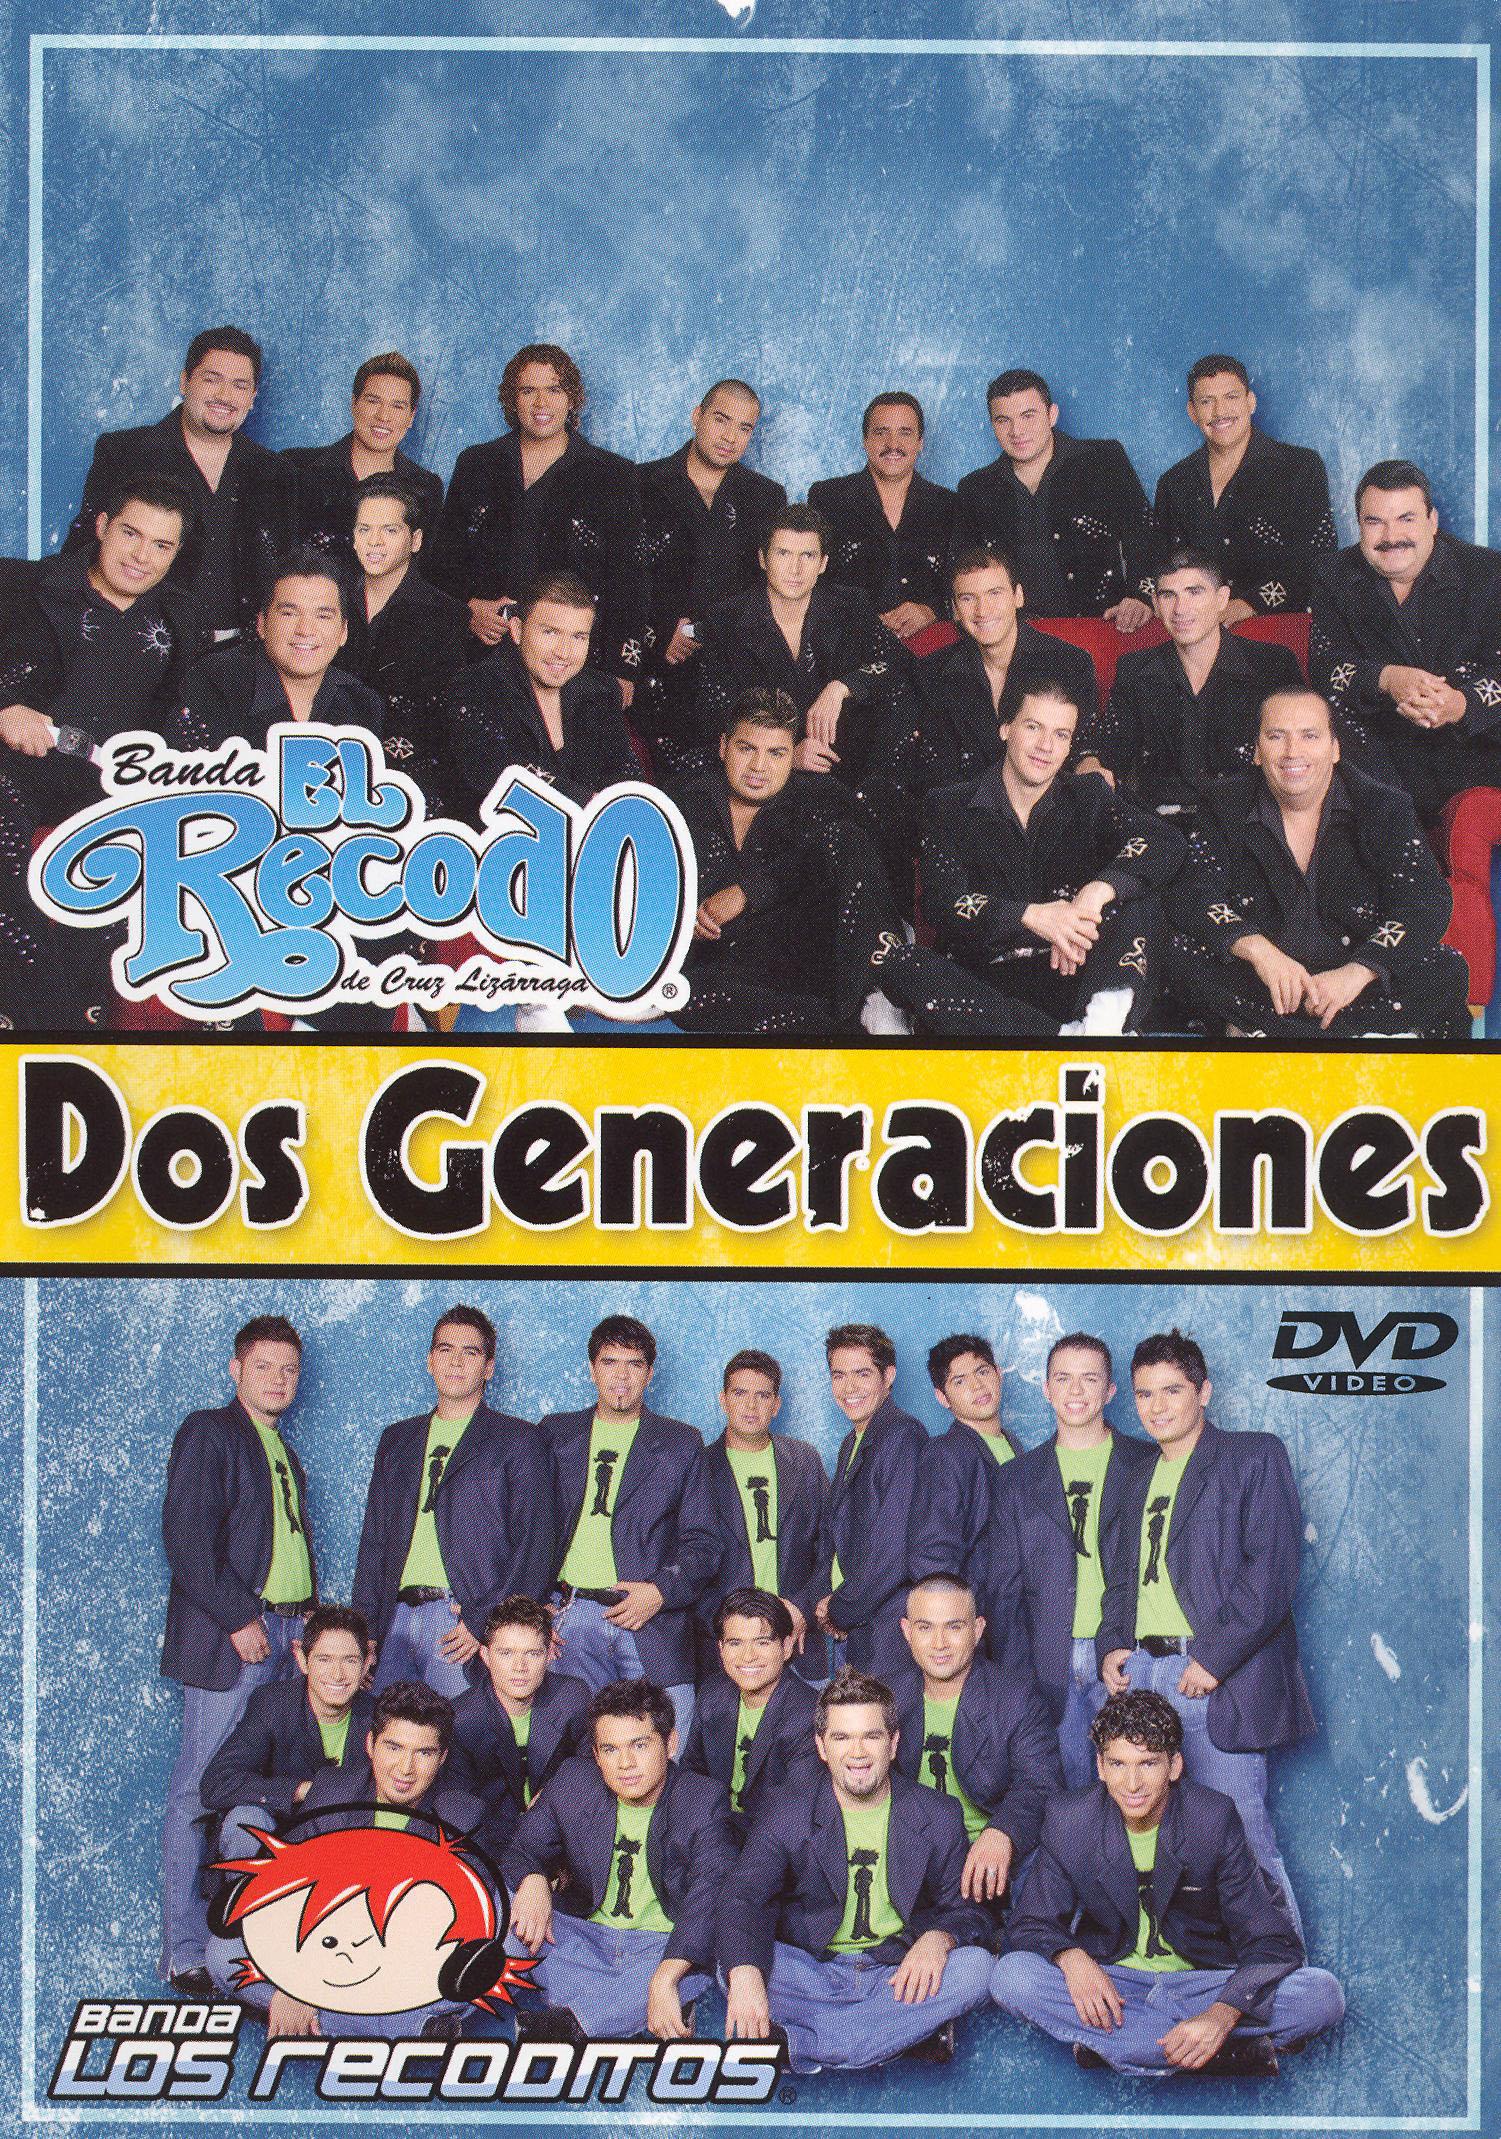 Banda el Recodo y Banda Los Recoditos: Dos Generaciones